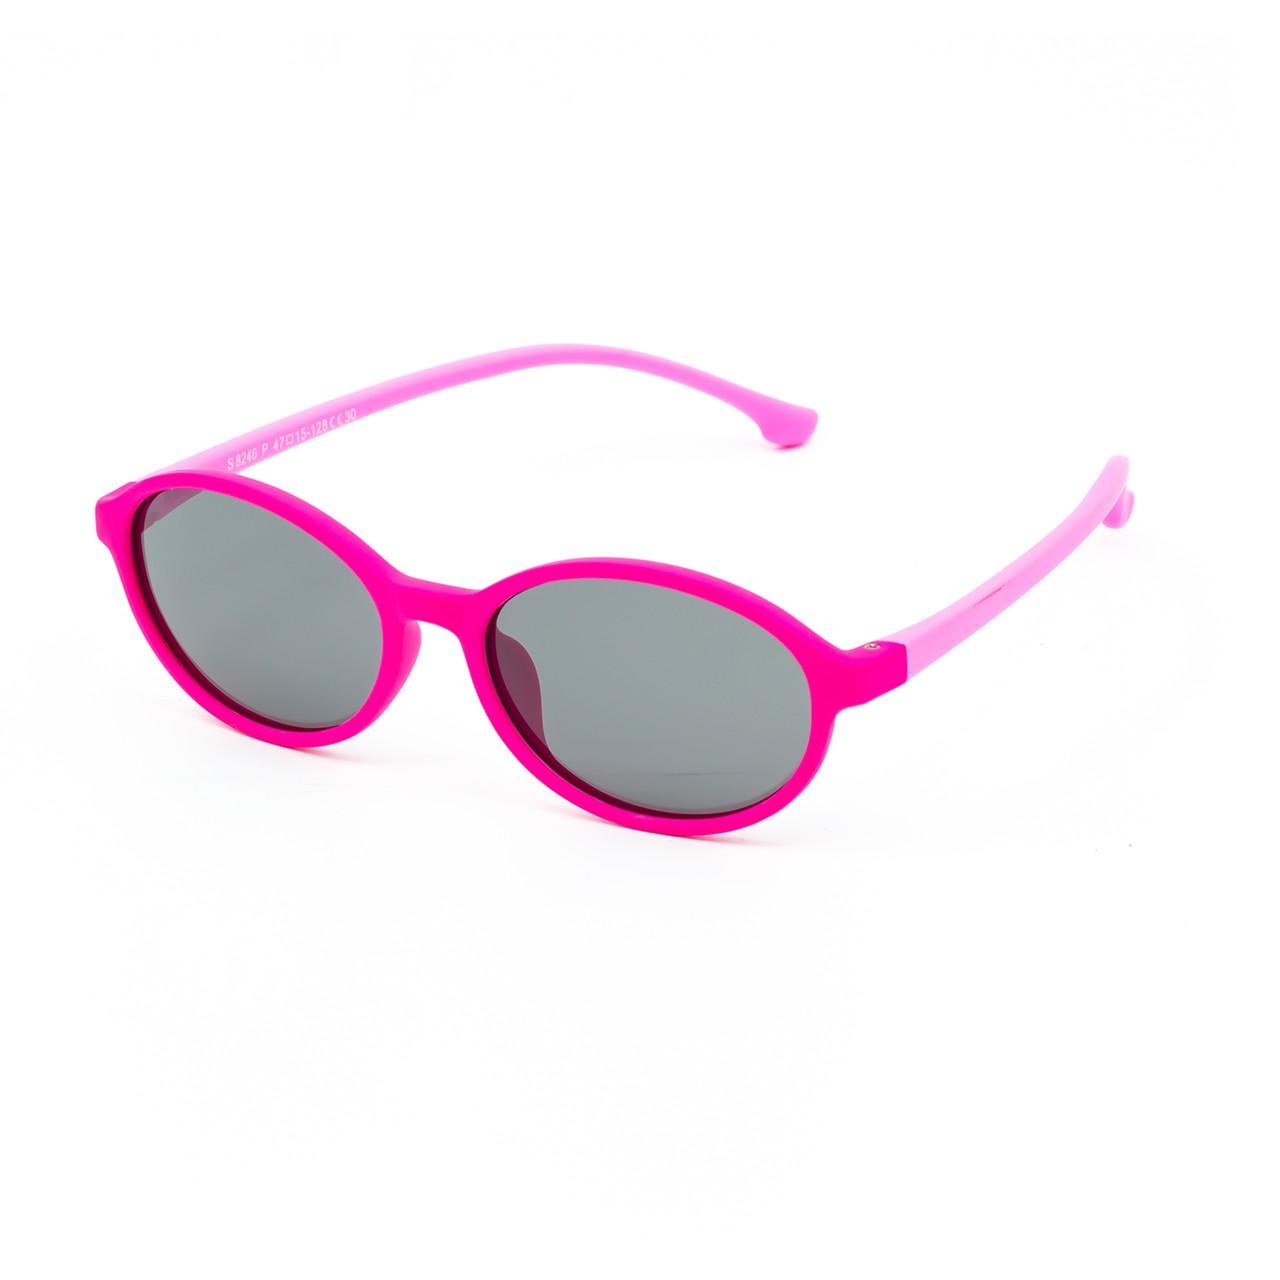 Солнцезащитные очки Marmilen S8246P C30 малиновые     ( KAS8246P-30 )